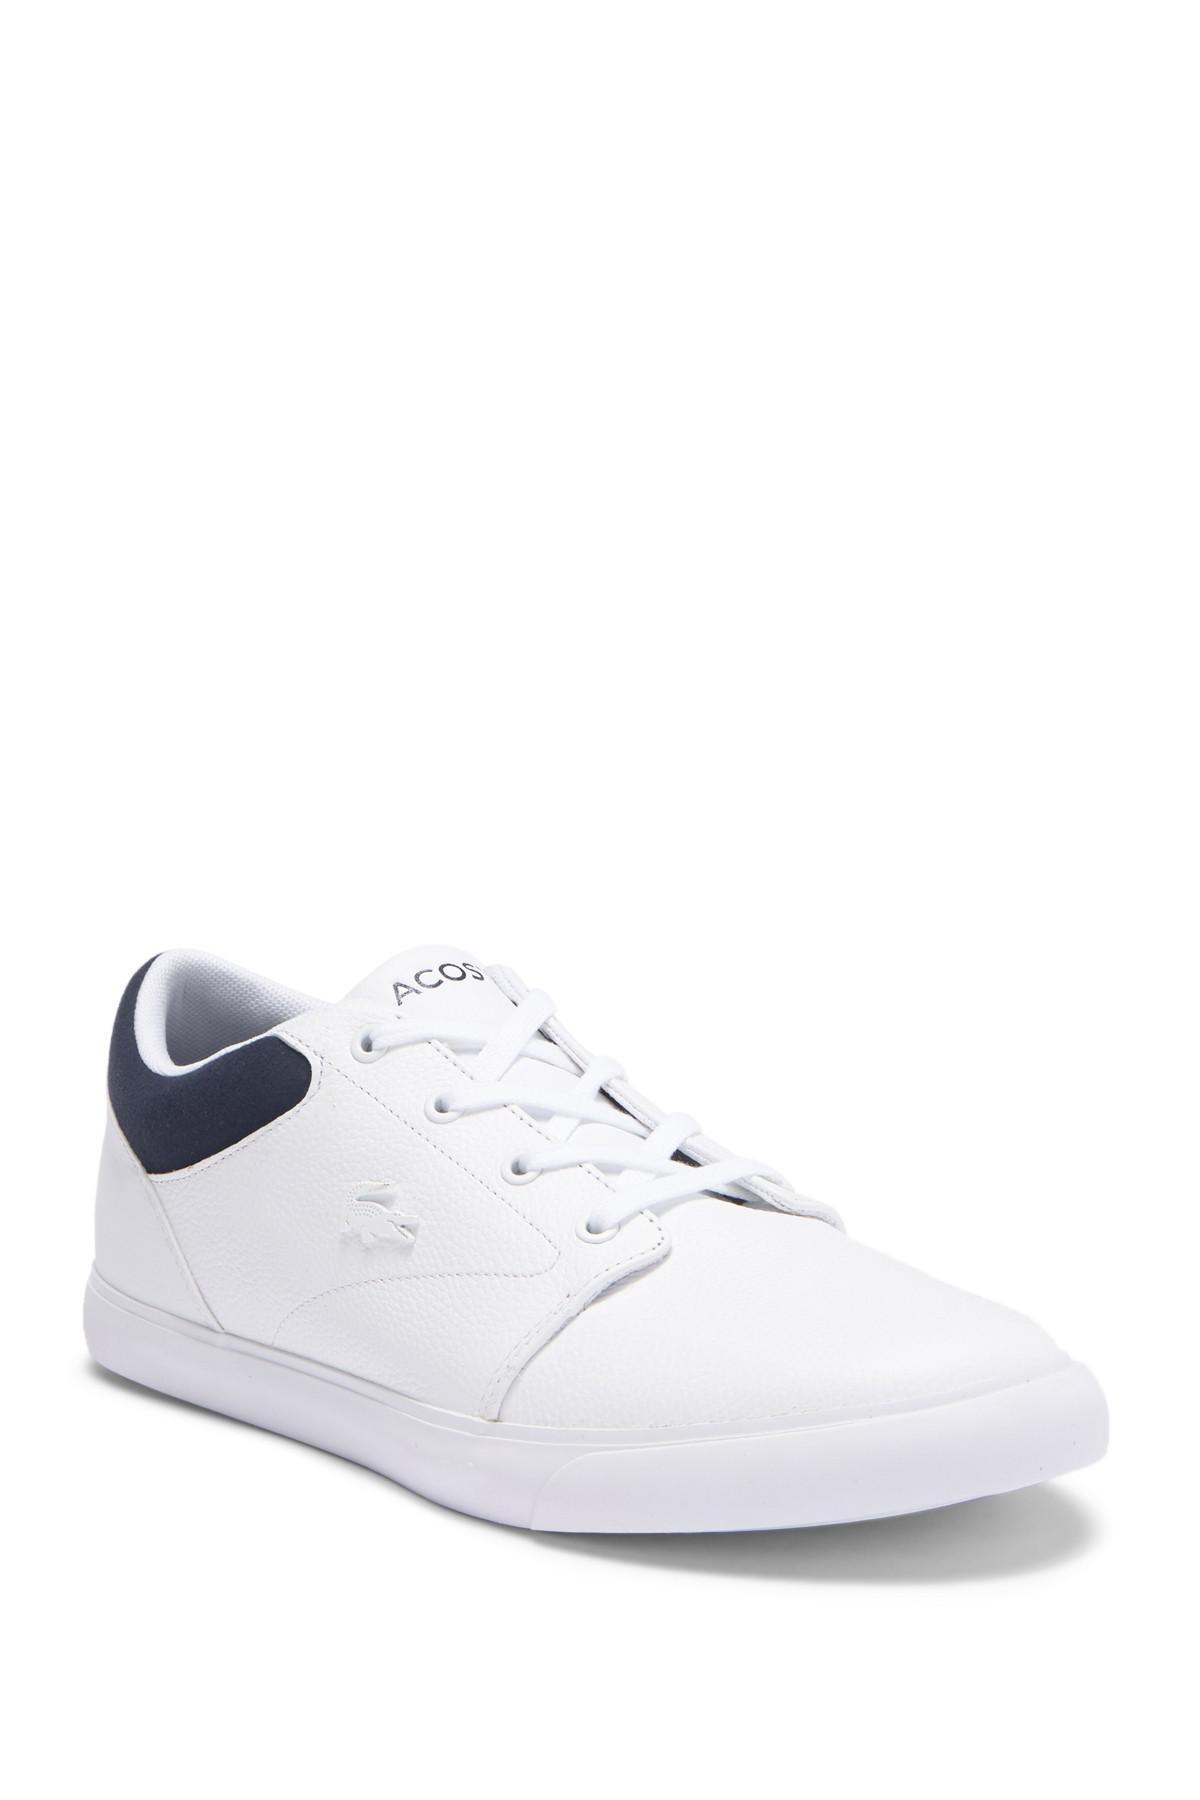 Lacoste Minzah 318 1 P Leather Sneaker